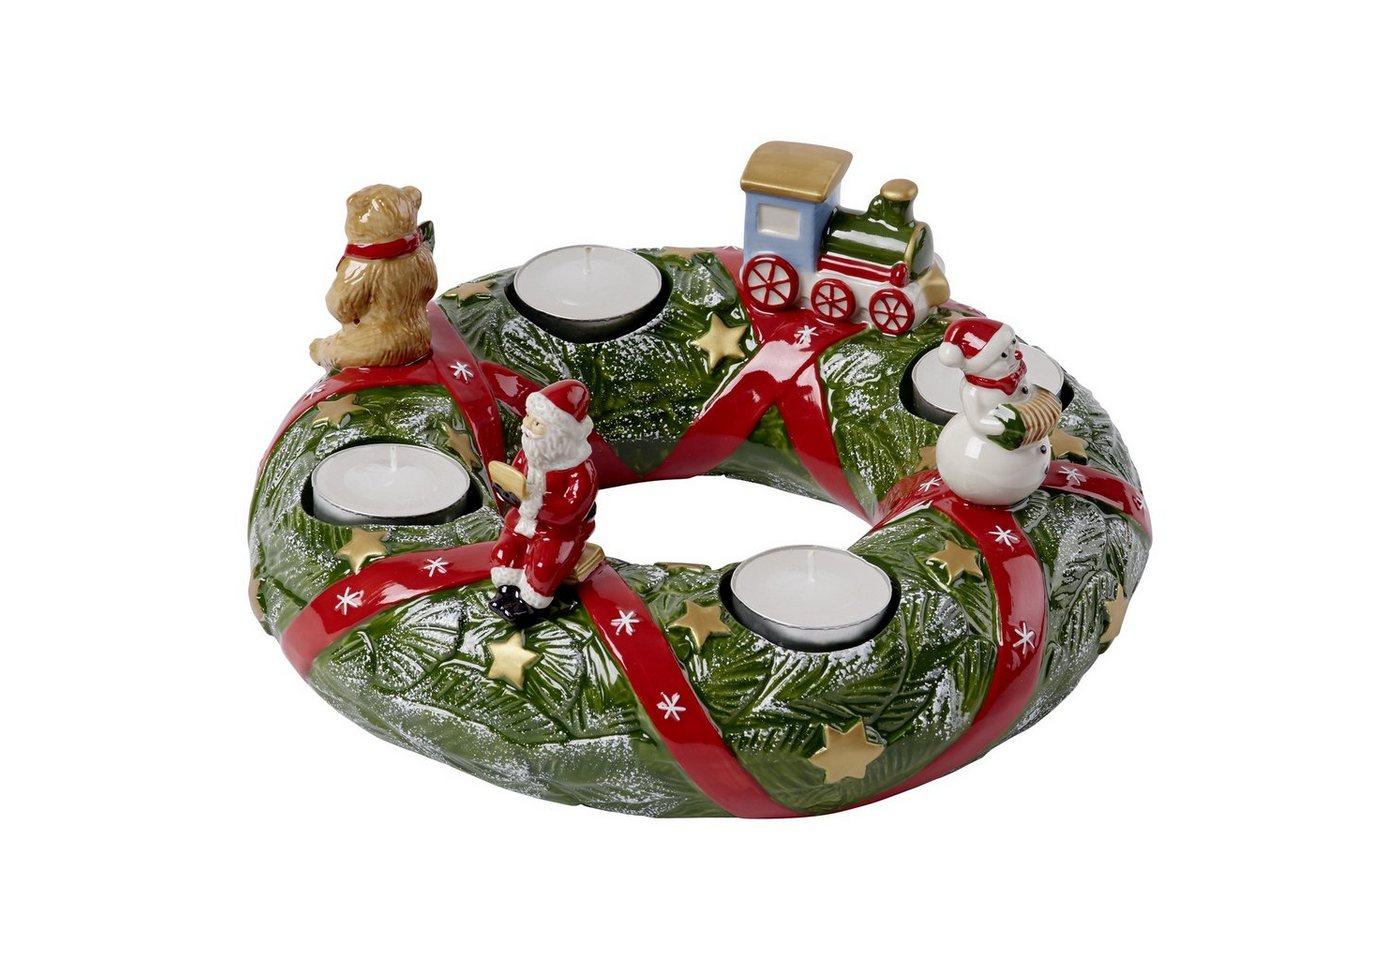 Villeroy & Boch Adventskranz North Pole »Christmas Toys Memory« | Weihnachten > Adventskranz und Weinachtsleuchter | Weiß | Villeroy & Boch